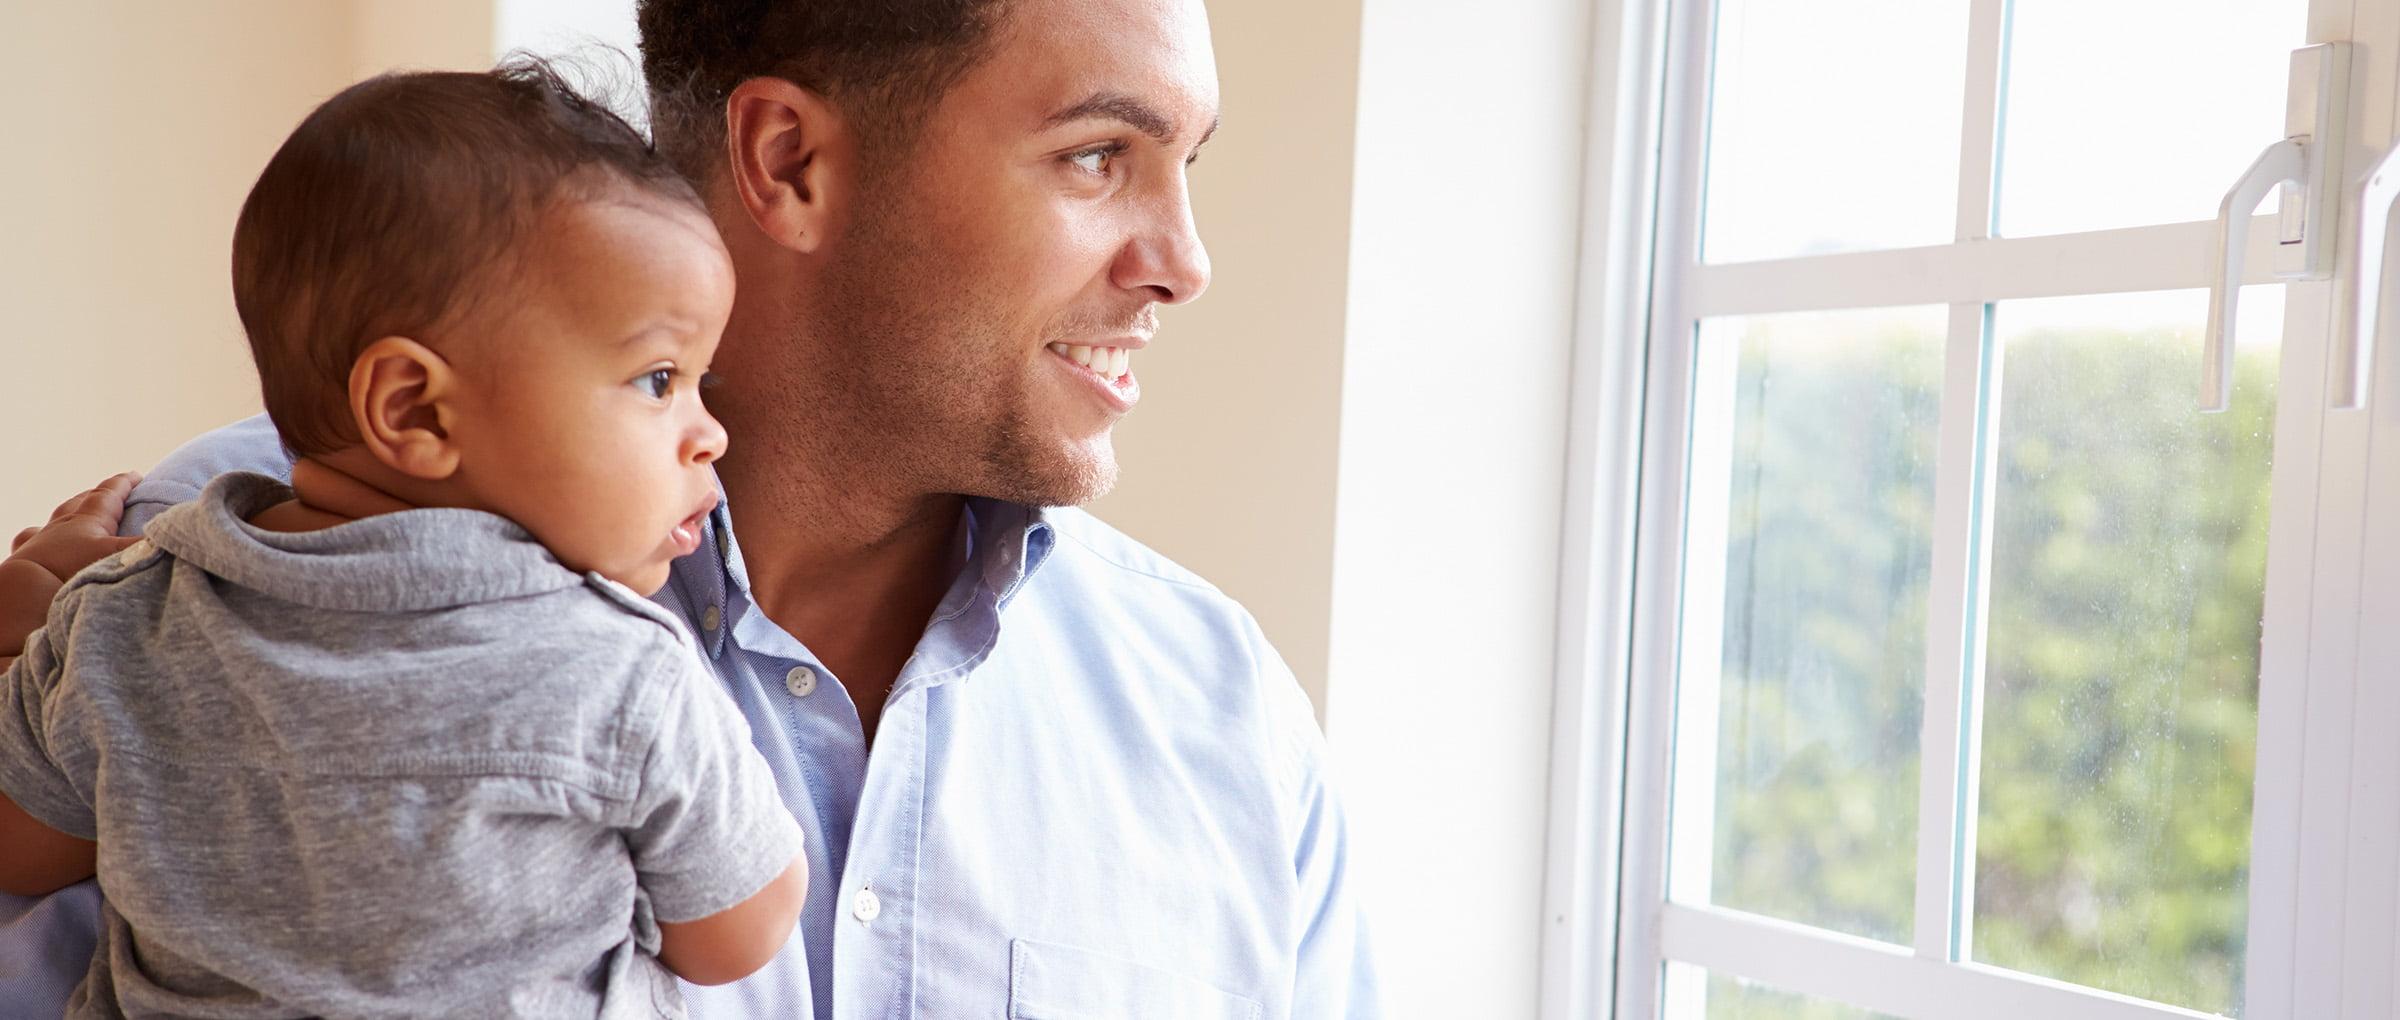 Avoir un enfant grâce à la gestation pour autrui